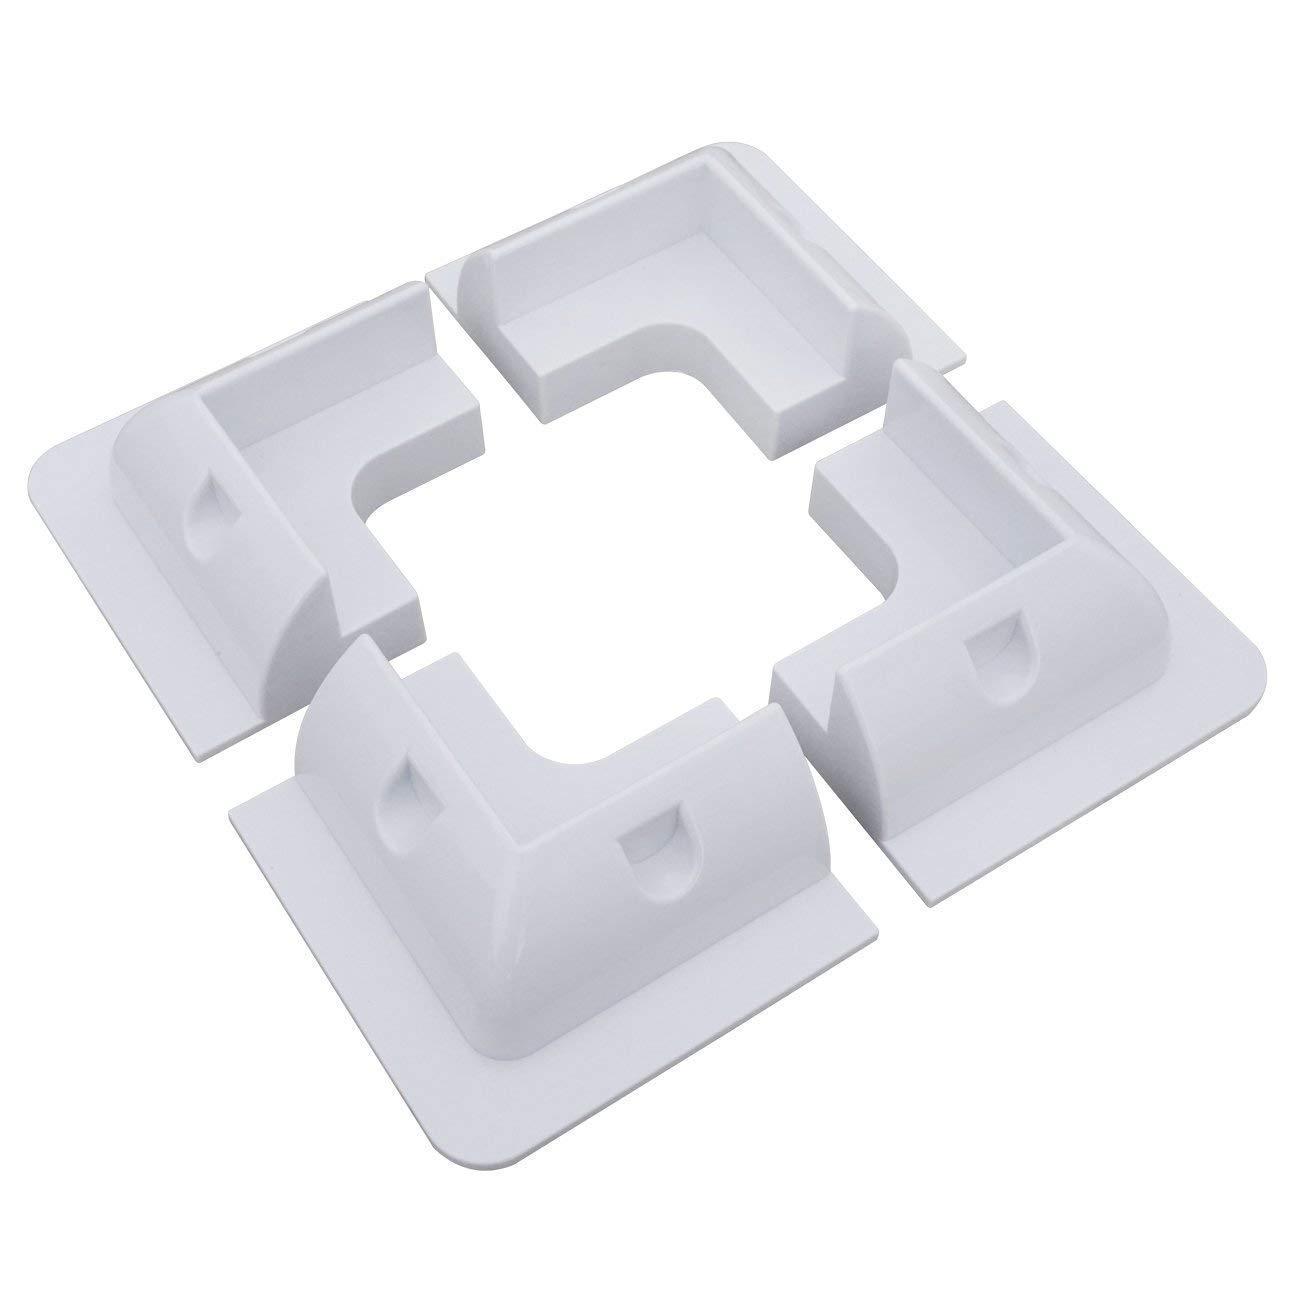 Soportes de panel solar de ABS blanco, 4 soportes de montaje de esquina libres de taladro, kit de soporte para marco de madera, RV, barco, campistas, caravanas (soporte de esquina)